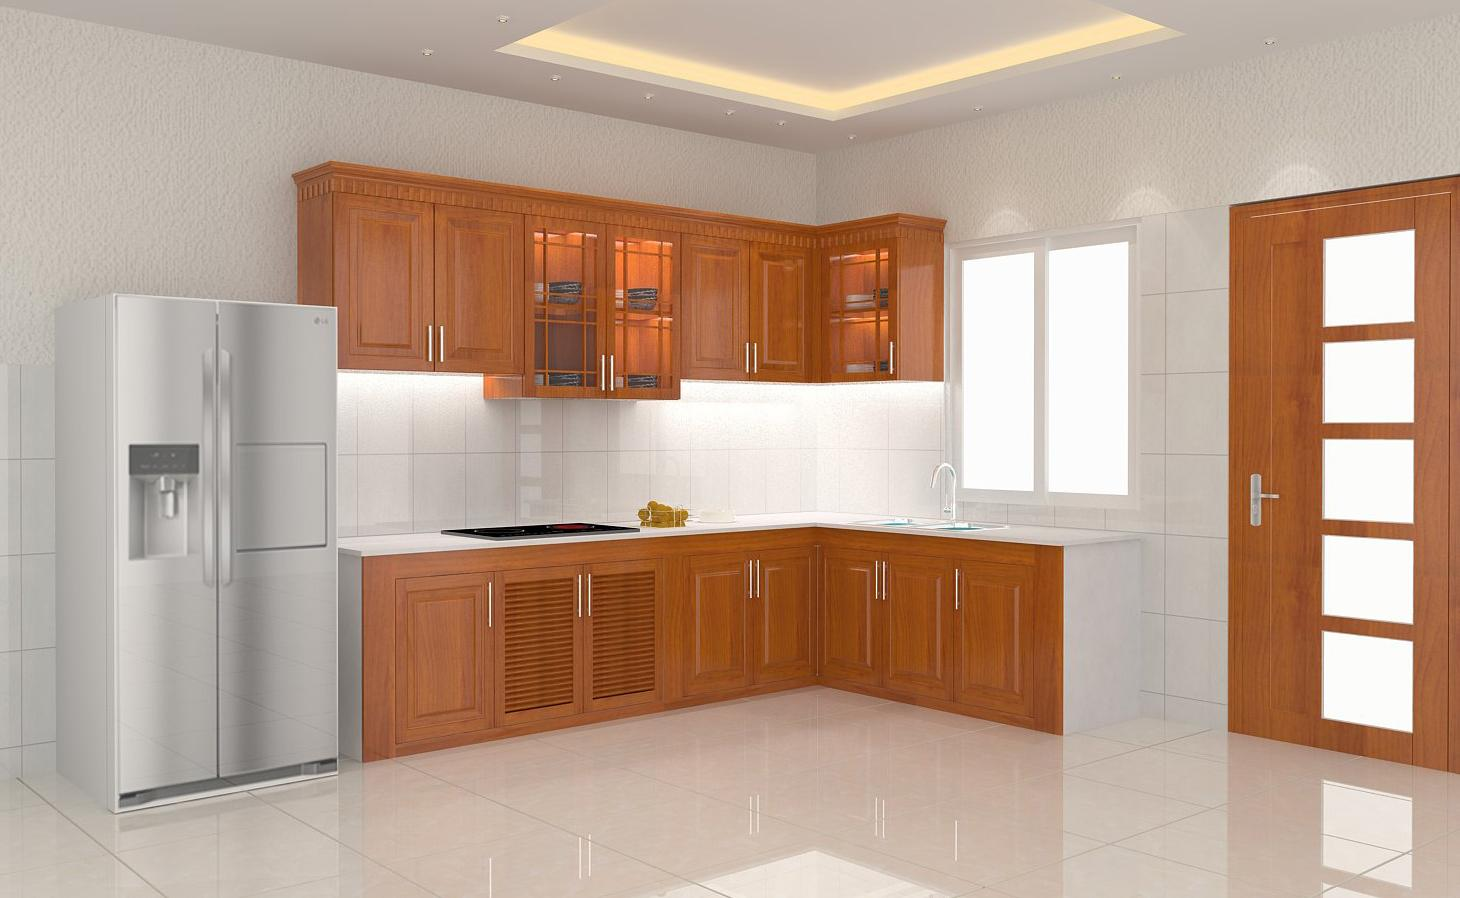 Tủ bếp gỗ xoan đào chứ L ngắn